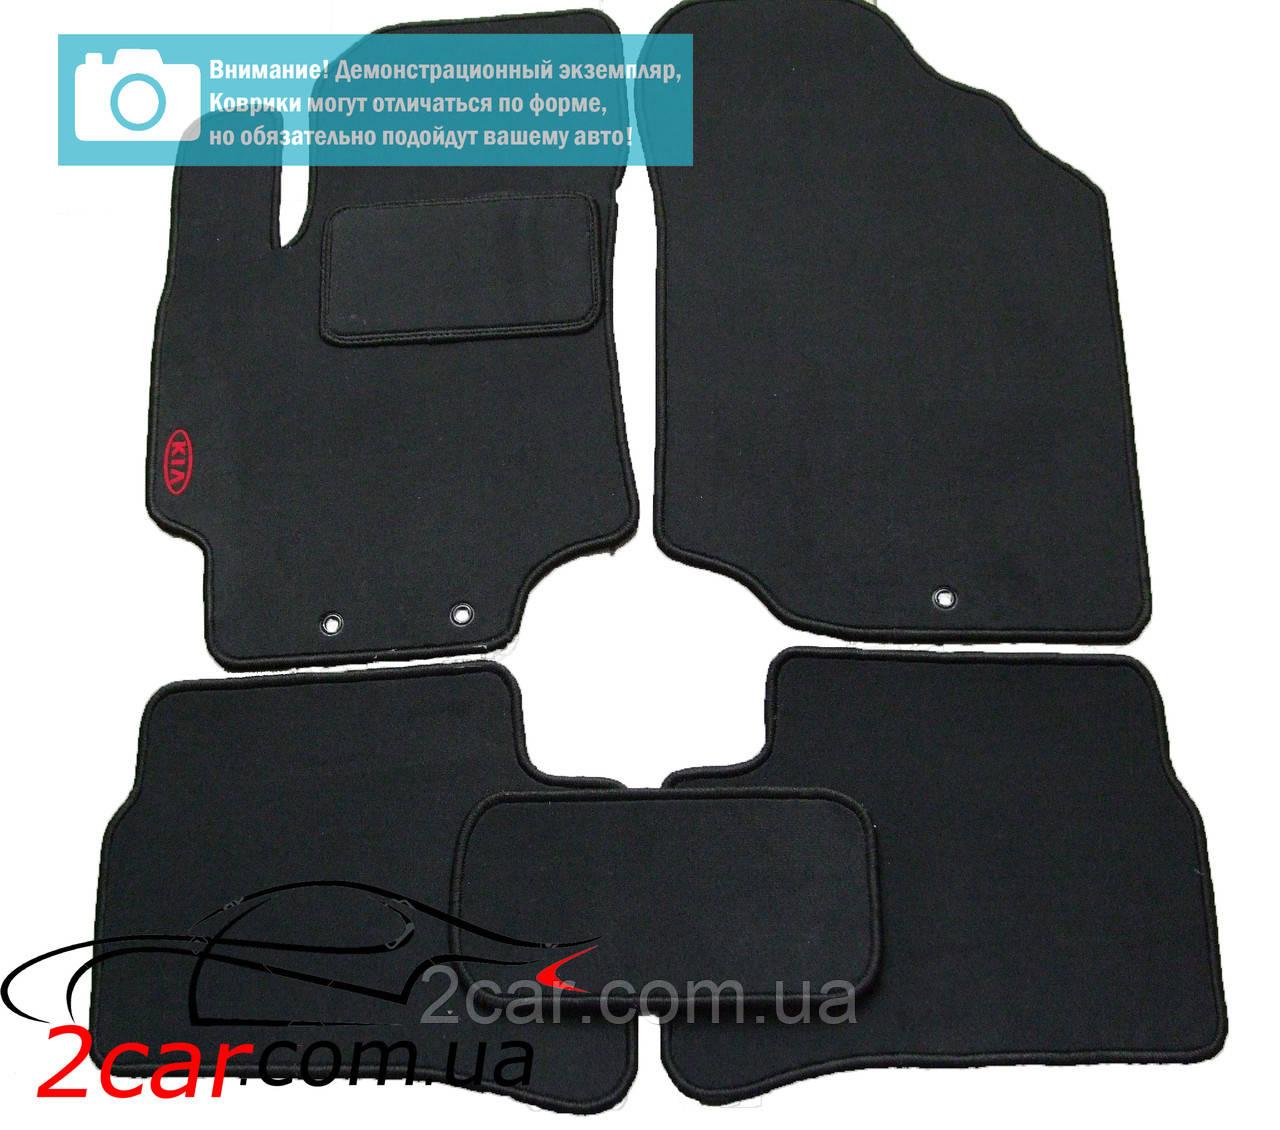 Текстильные коврики в салон для ВАЗ 2109 (серые) (StingrayUA)